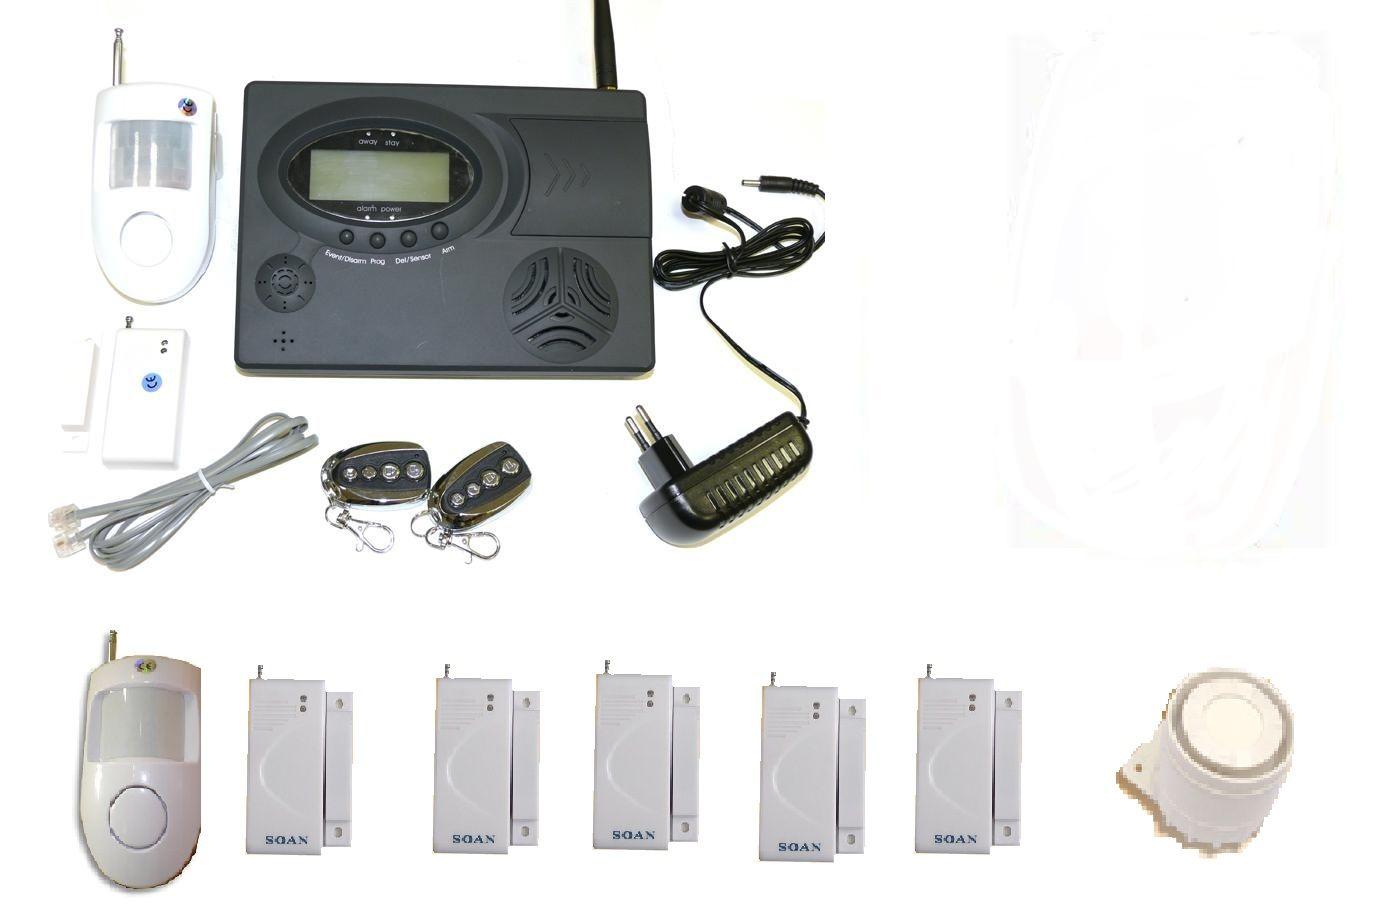 Allarme antifurto casa negozio kit gsm personalizzato - ::: - pcSys.it - ::: - Vendita ...